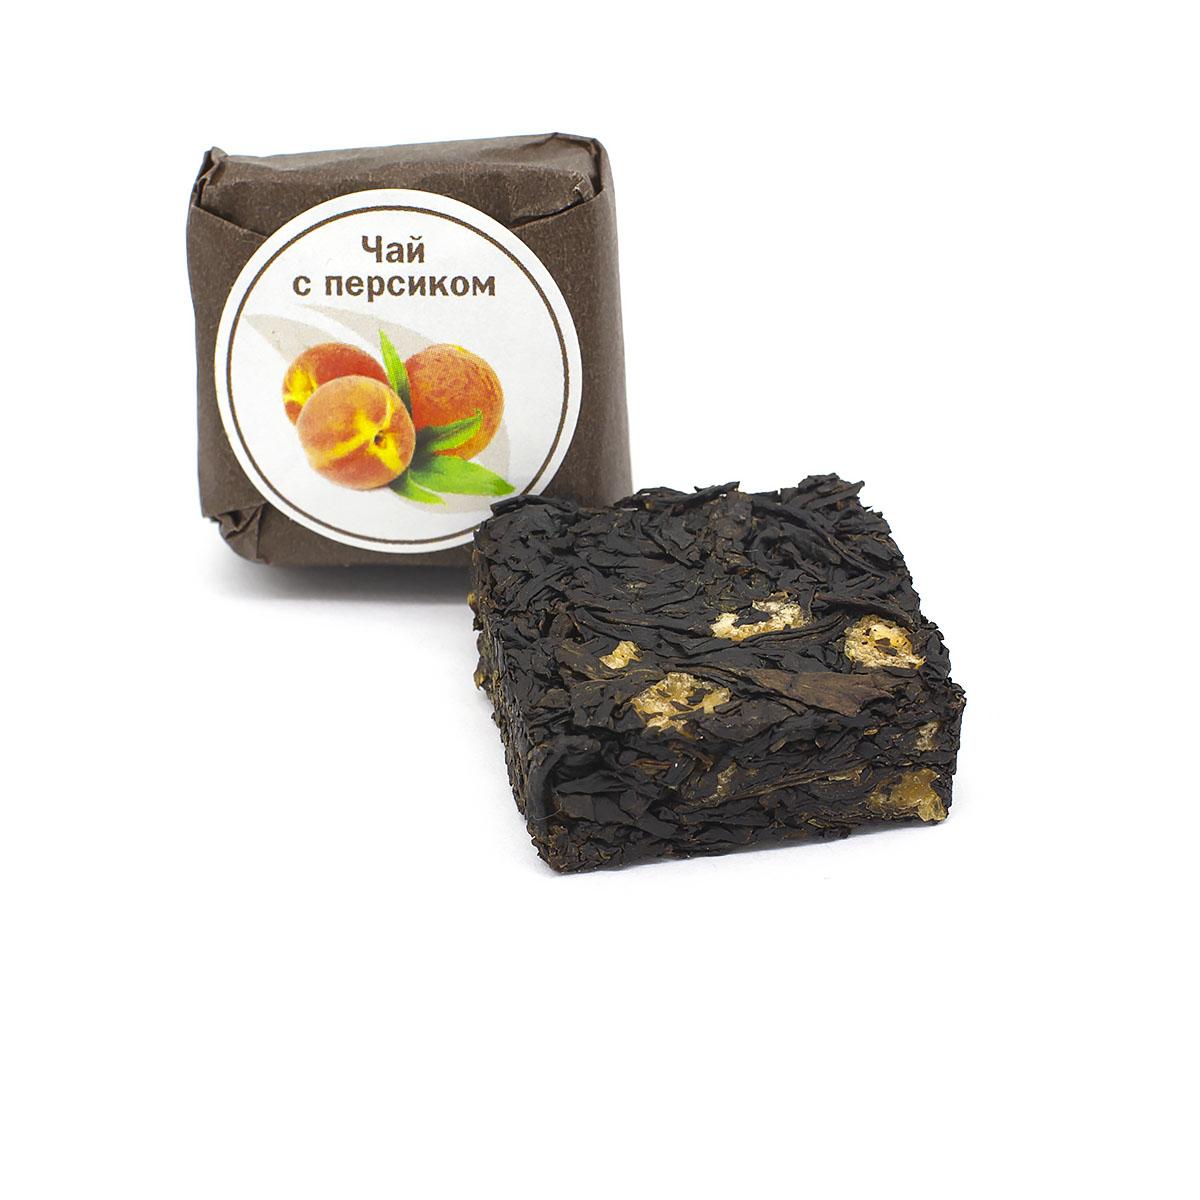 Чай с персиком прессованный, кубик 5-7 г dress 9787